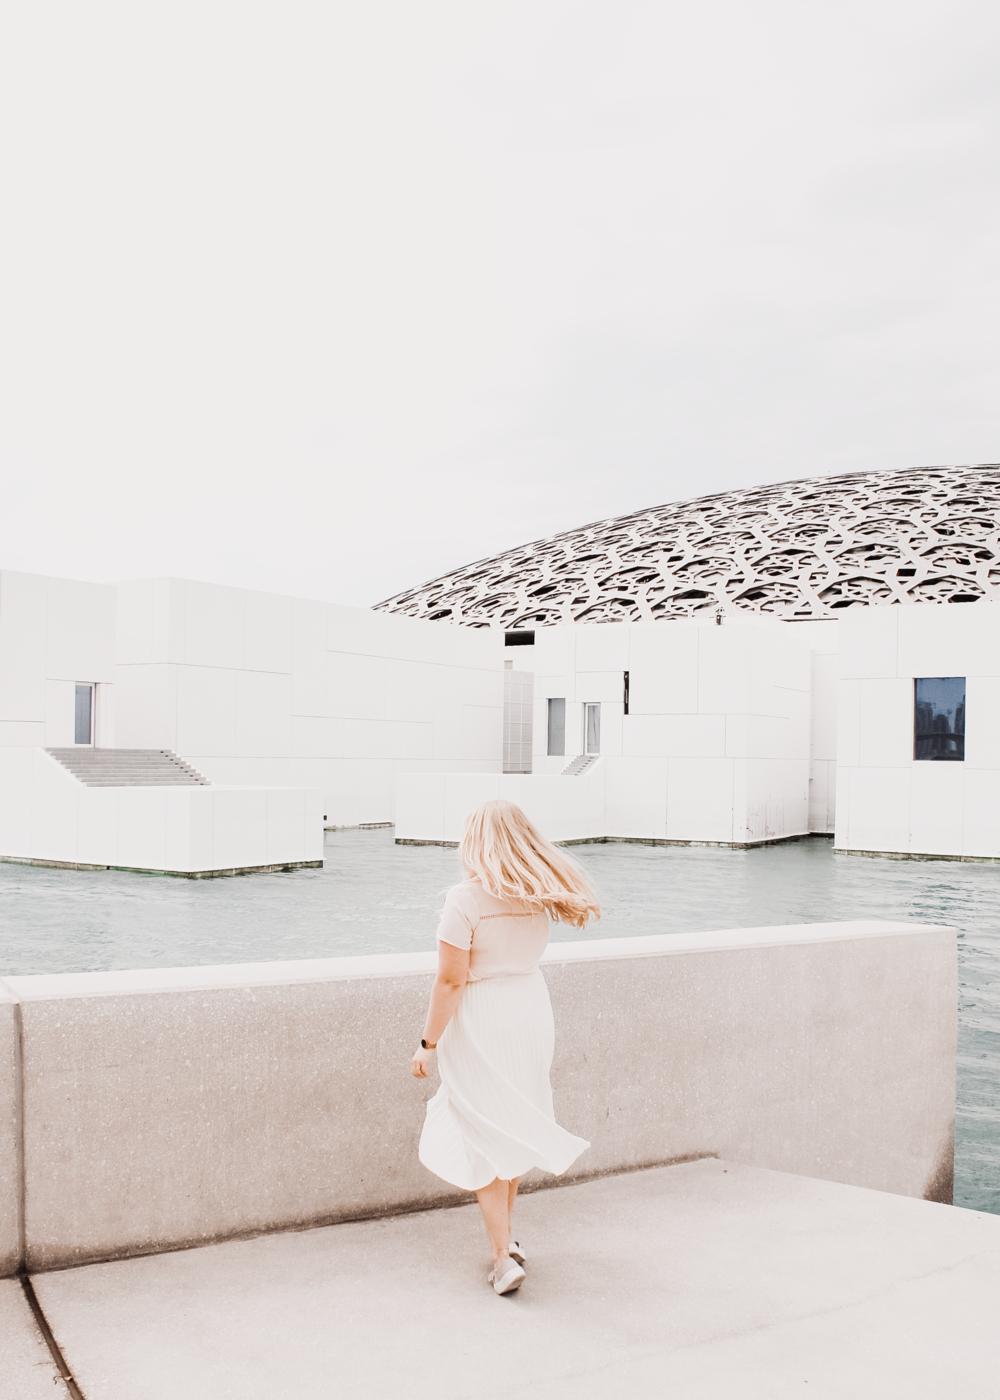 Dubai A-Ö   Dubai reseguide   Travel Guide Dubai   Abu Dhabi   Louvre   By Sandramaria   Sandramarias.com